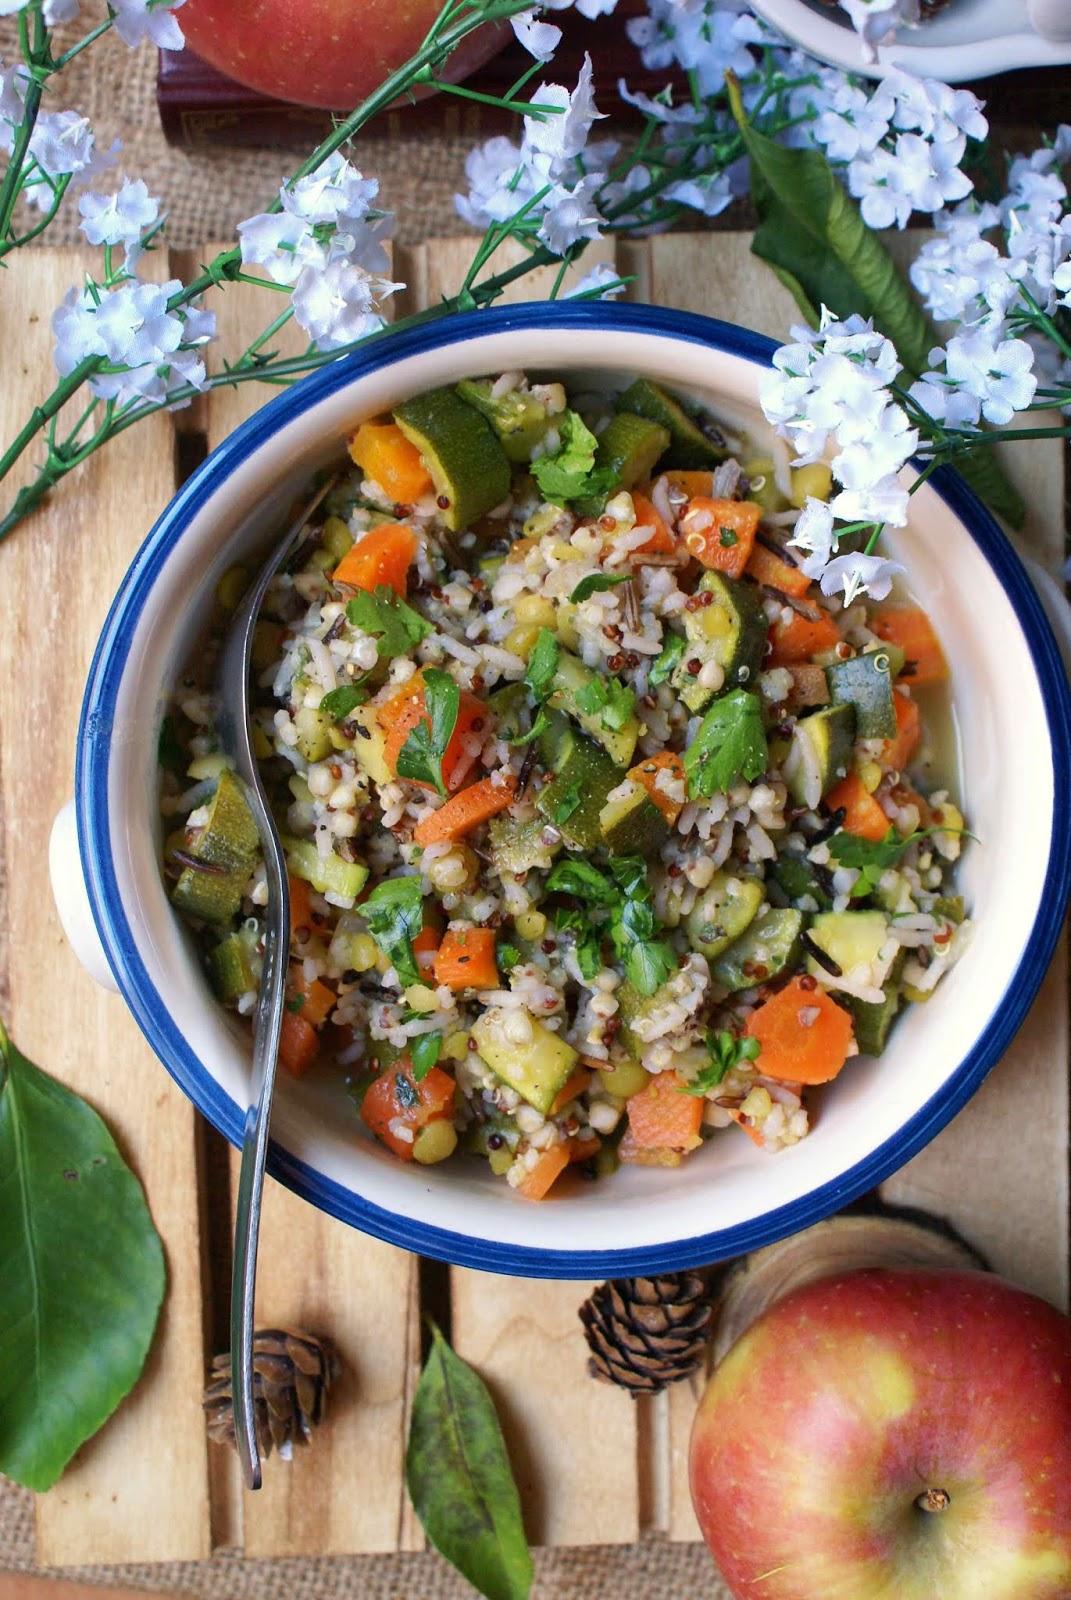 Insalata tiepida di cereali antichi  con zucchine, carote, piselli spezzati e prezzemolo